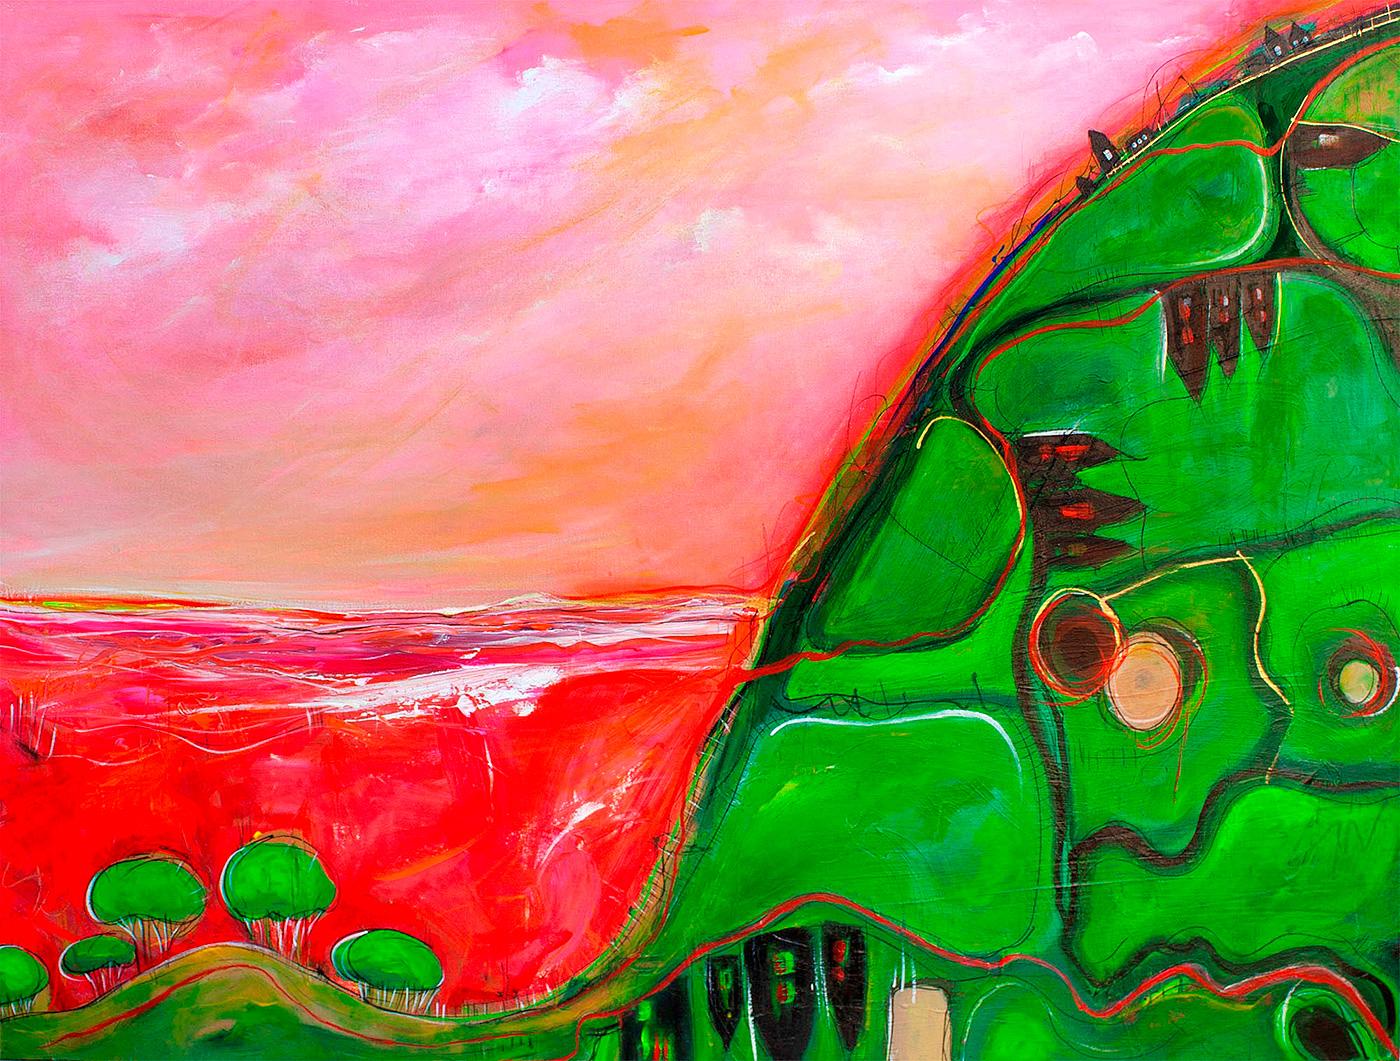 Tania Chanter - 'Happy Valley'